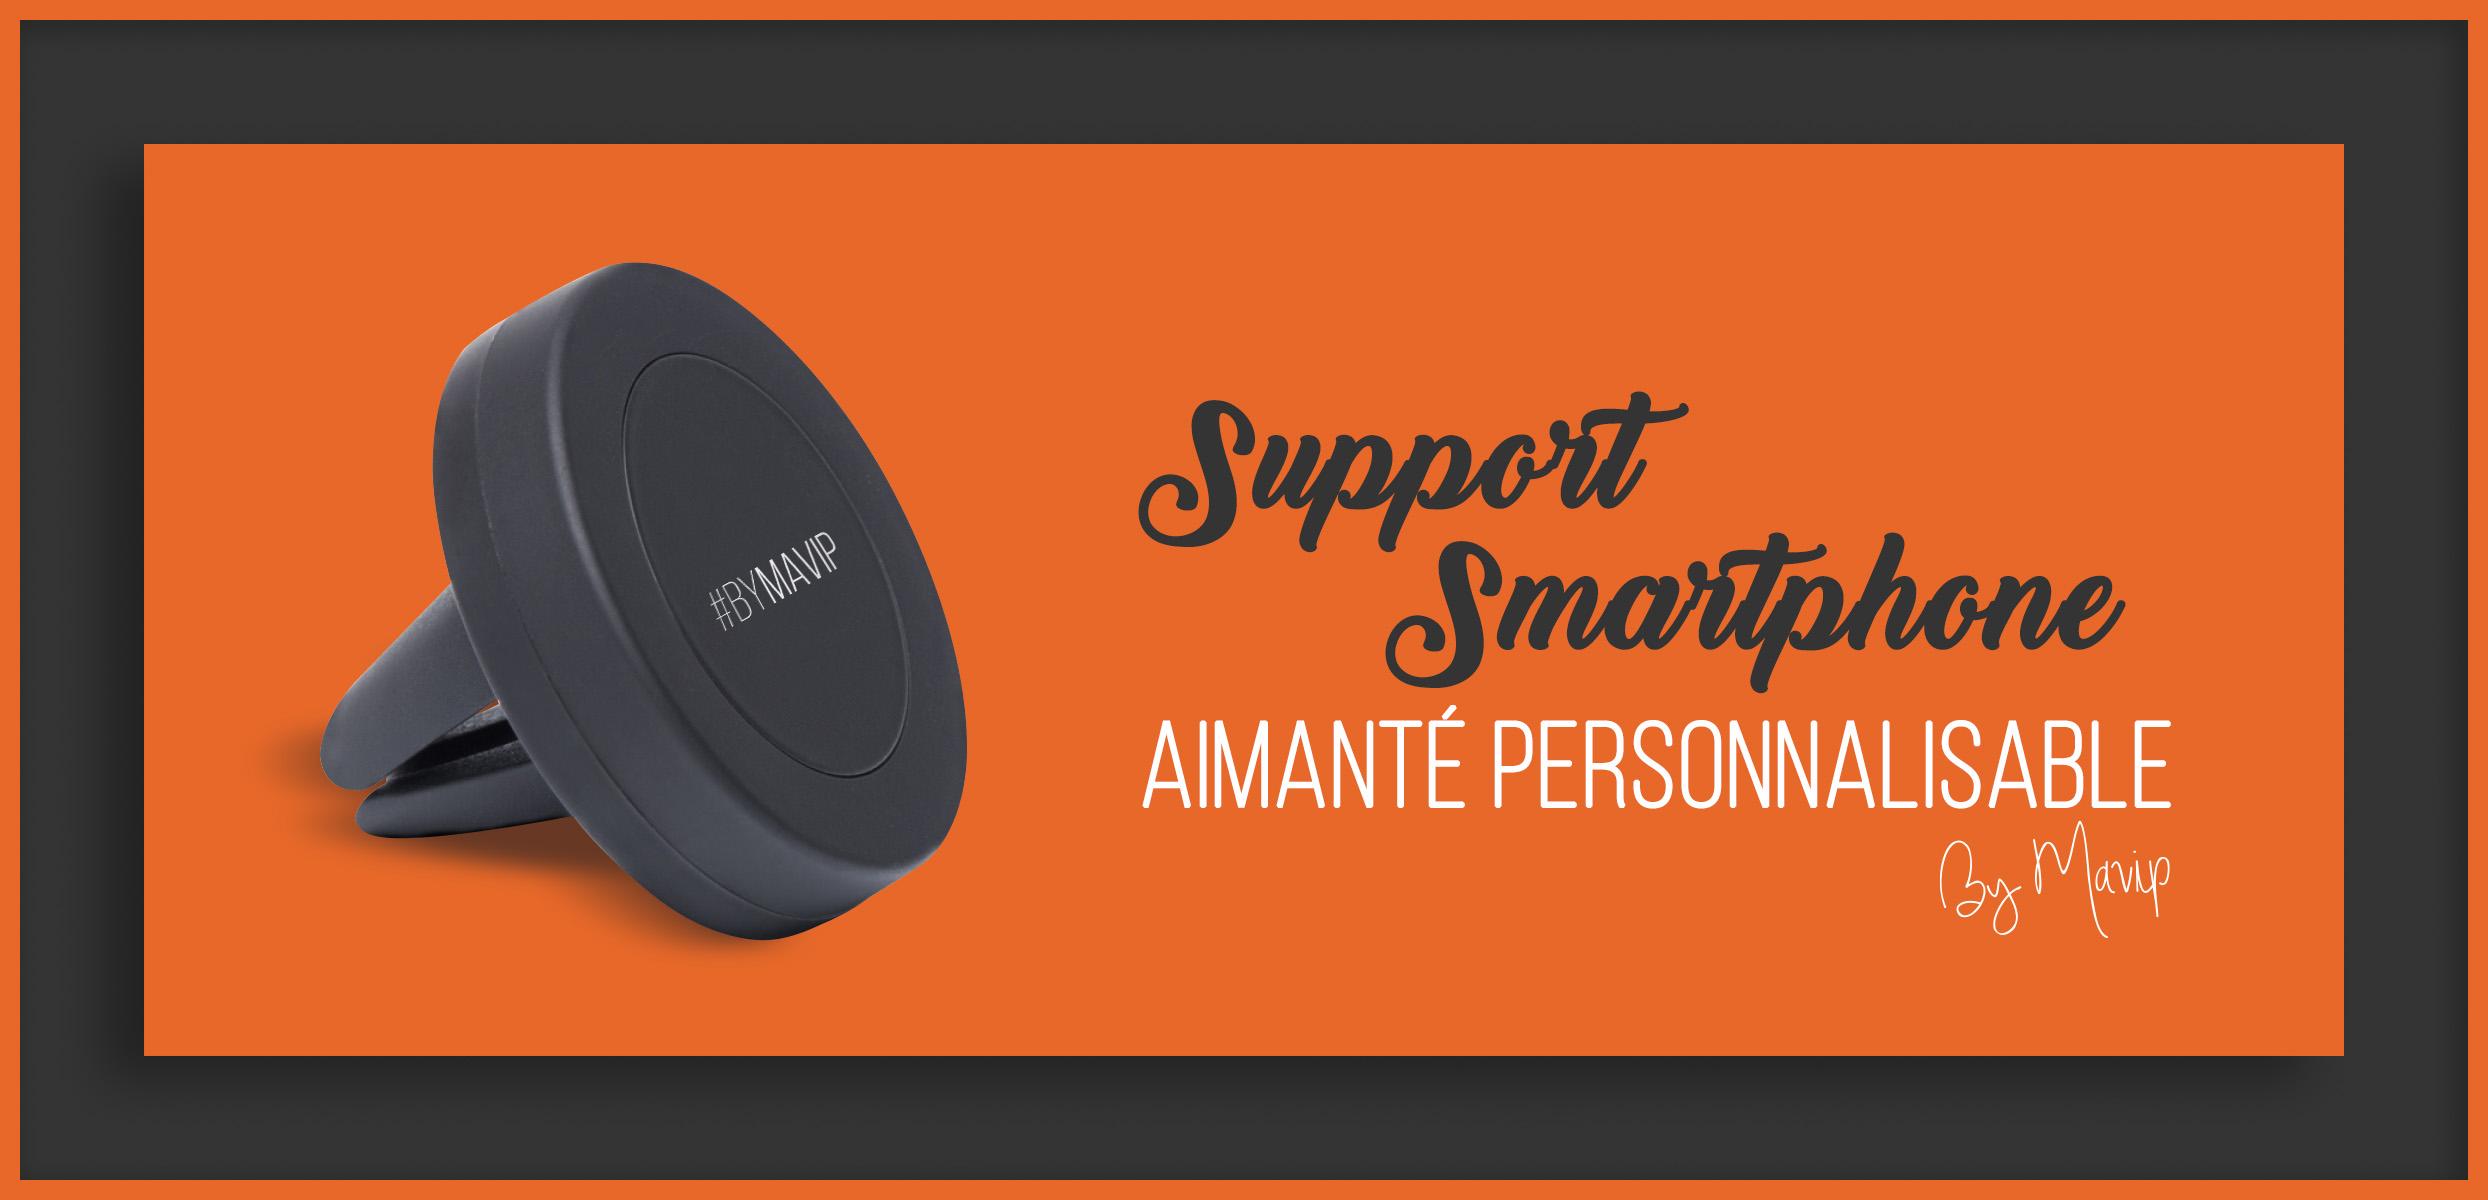 Support smartphone aimanté personnalisable avec logo d'entreprise